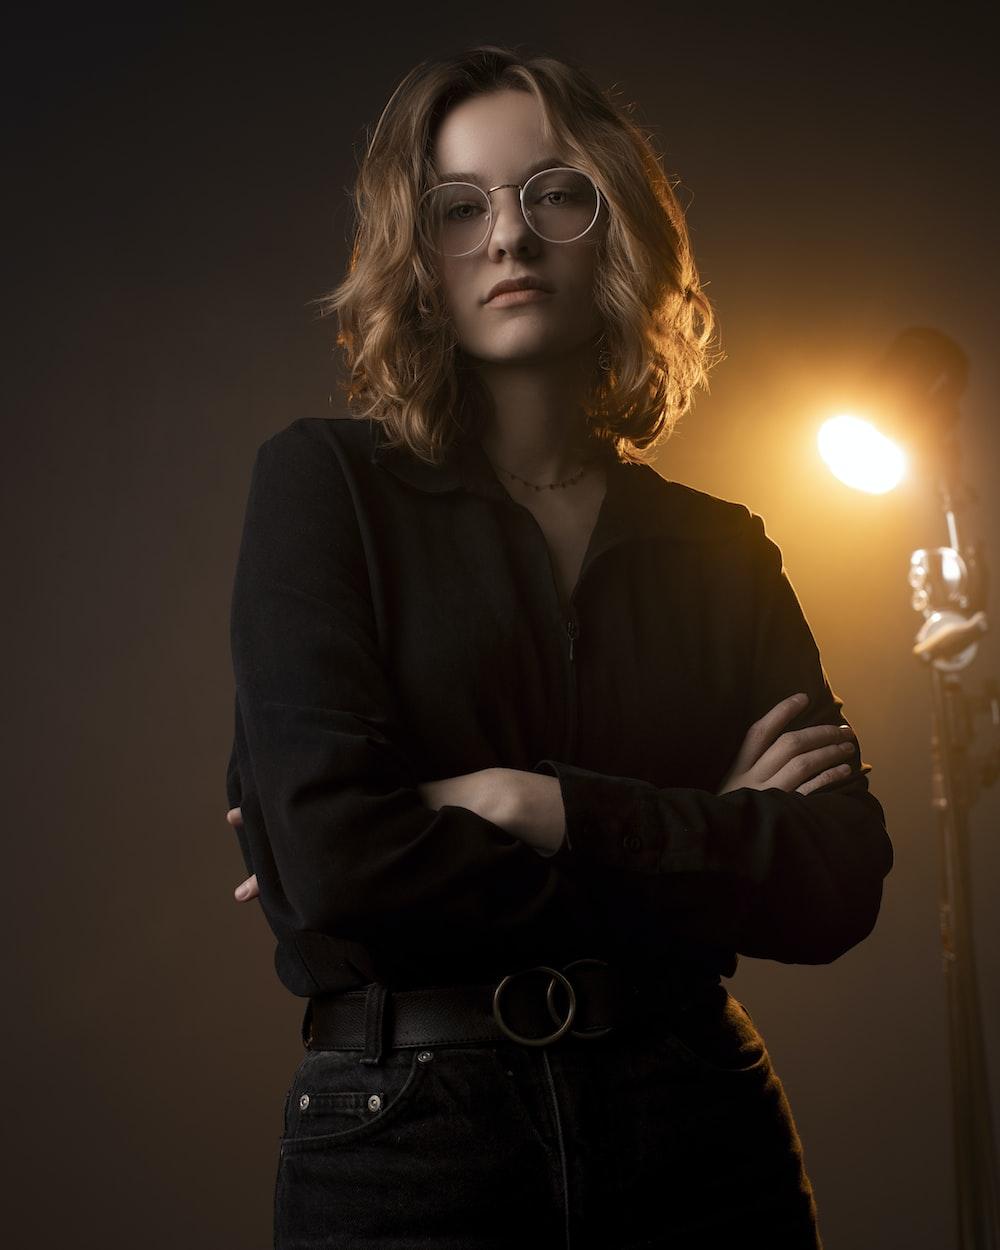 woman in black long sleeve shirt wearing eyeglasses